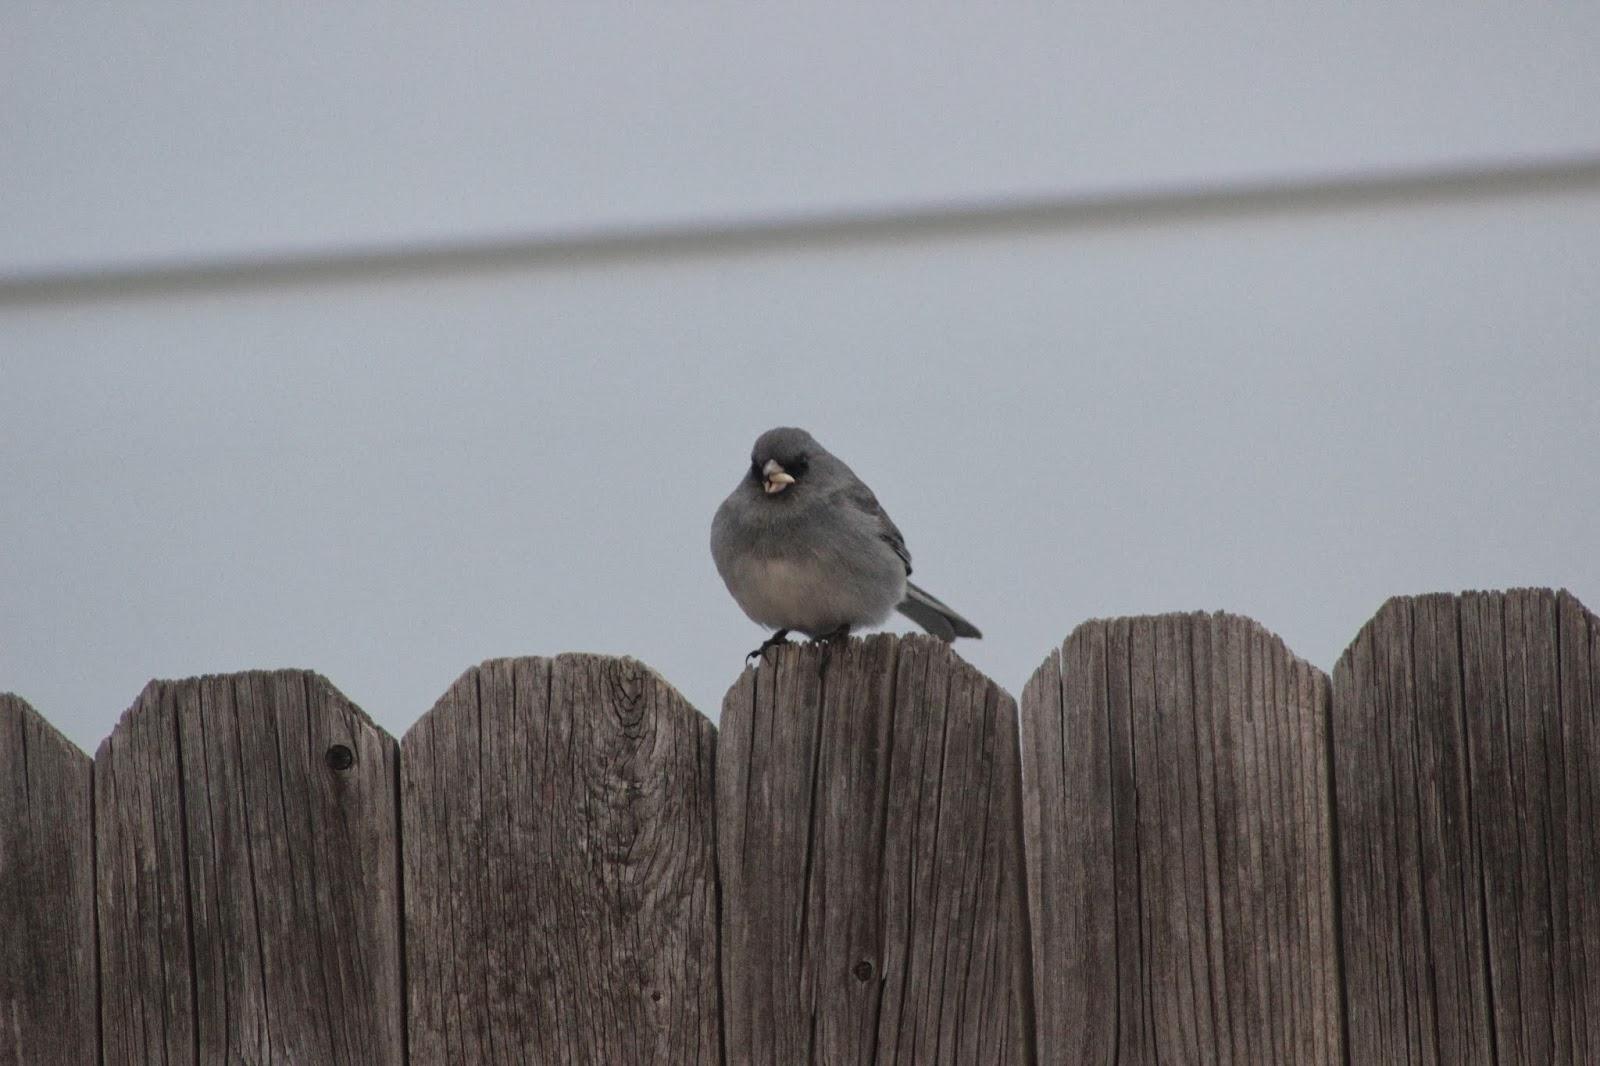 Migración de invierno: ¿Qué pájaros se quedan y cómo se mantienen calientes? | Droll Yankees